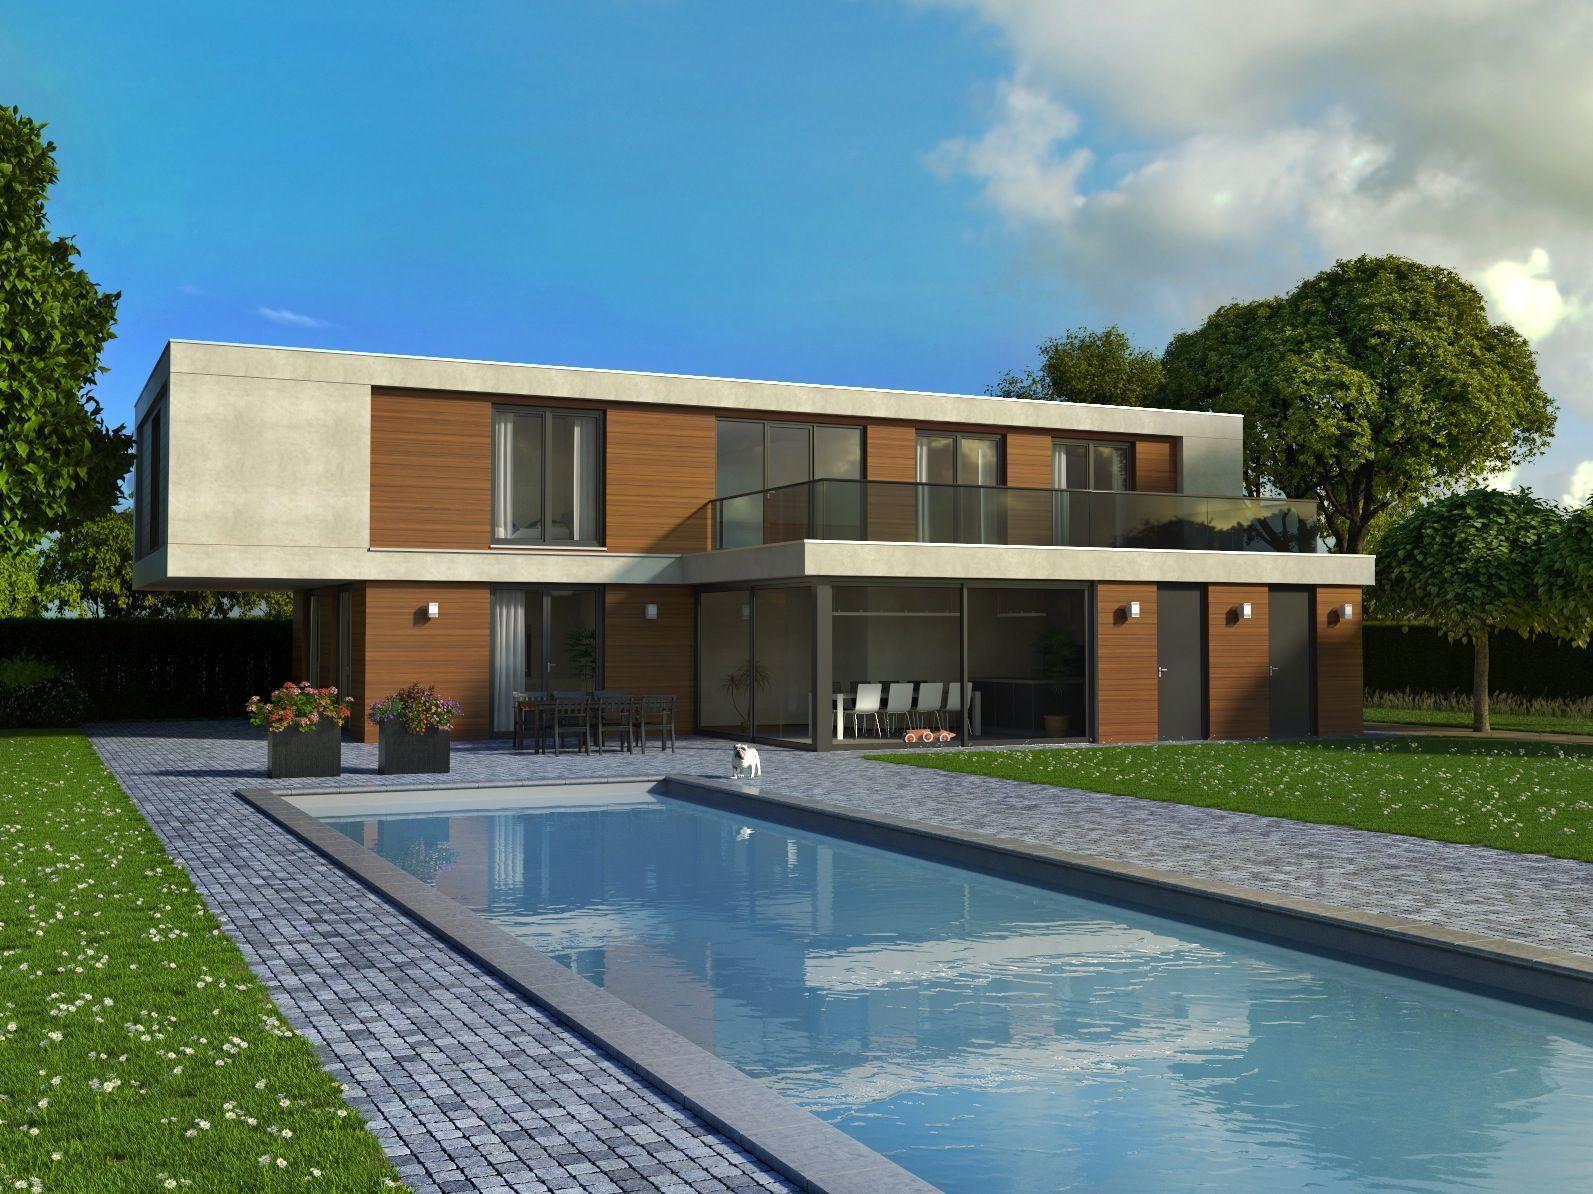 Moderne woning met een stoer karakter strakke vormgeving for Moderne villa architectuur